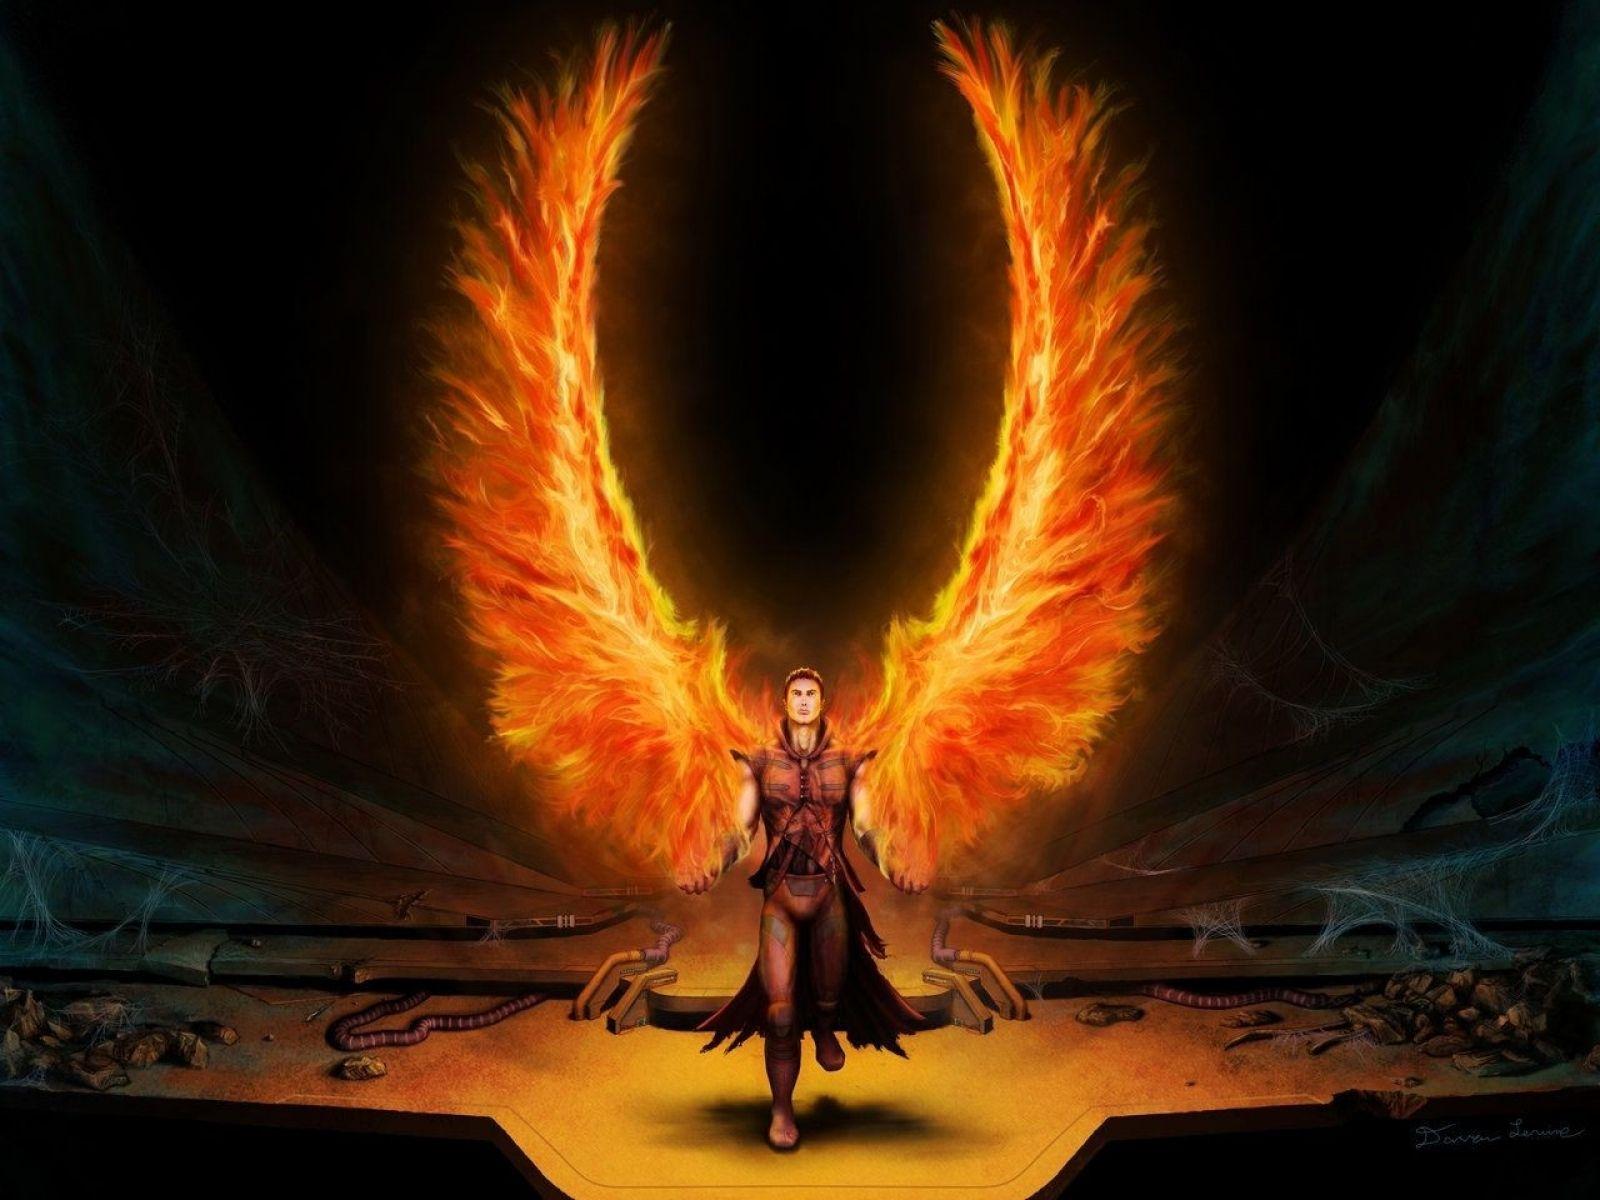 Fire angel of war | Ca...